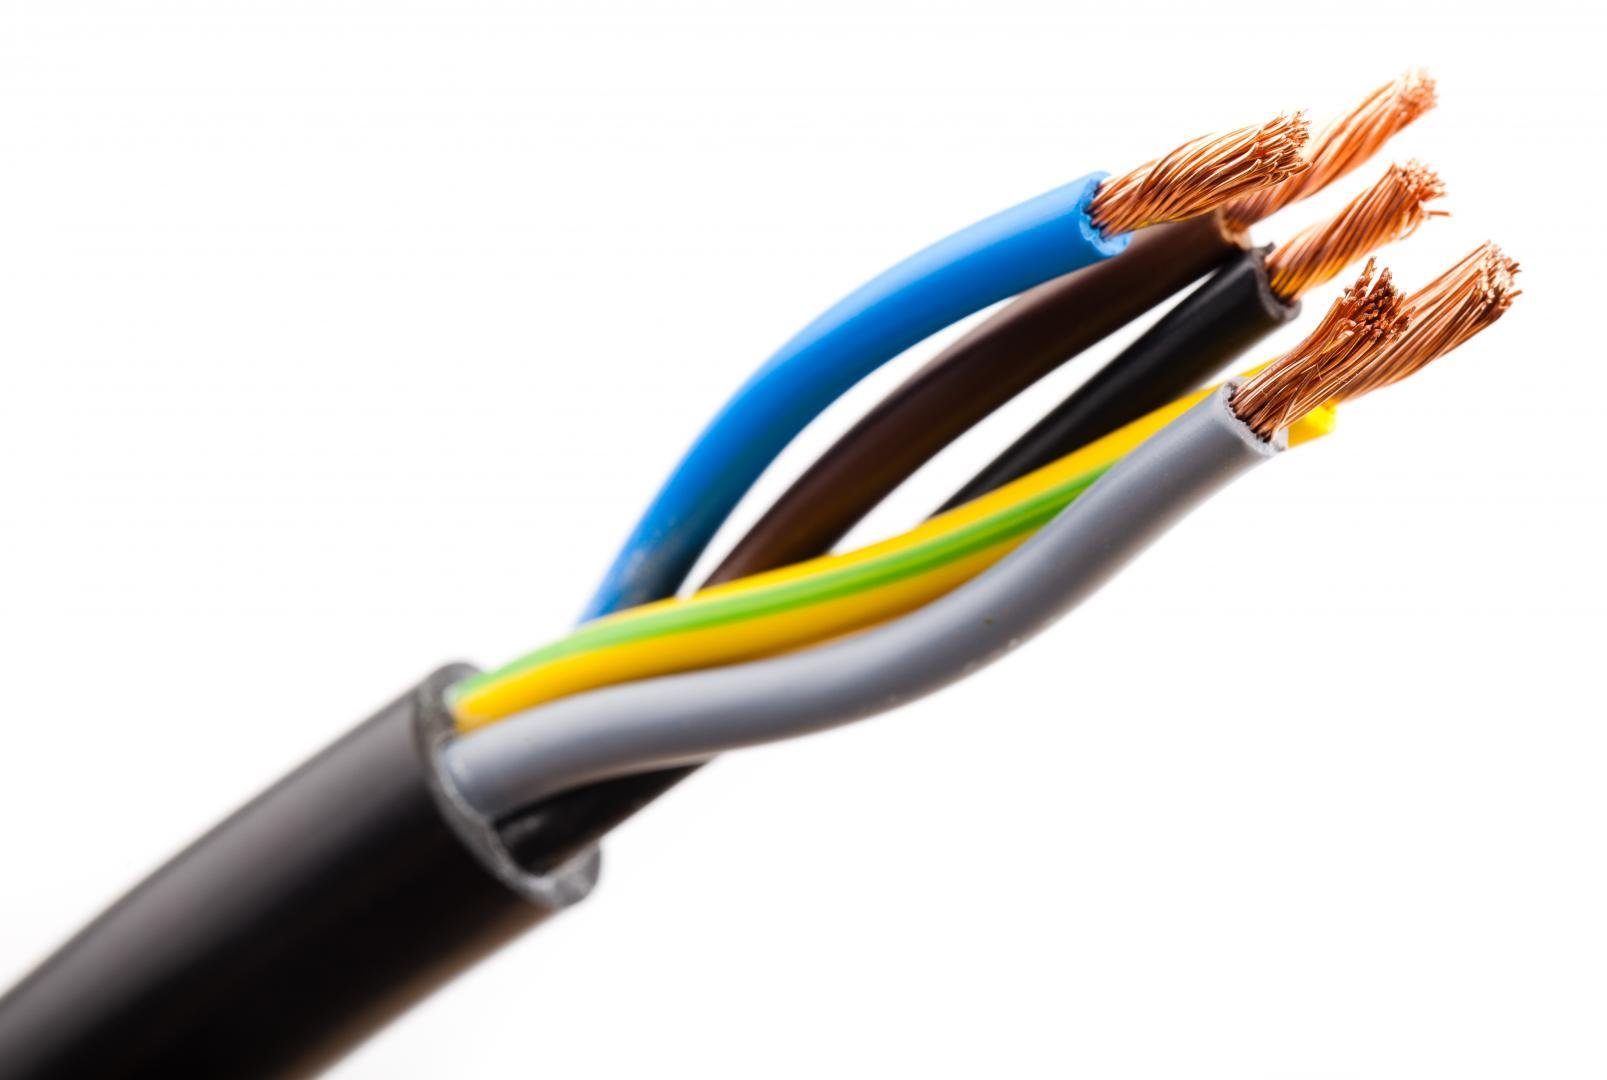 Contrat électricité Perpignan : comment savoir si son tarif est le meilleur ?